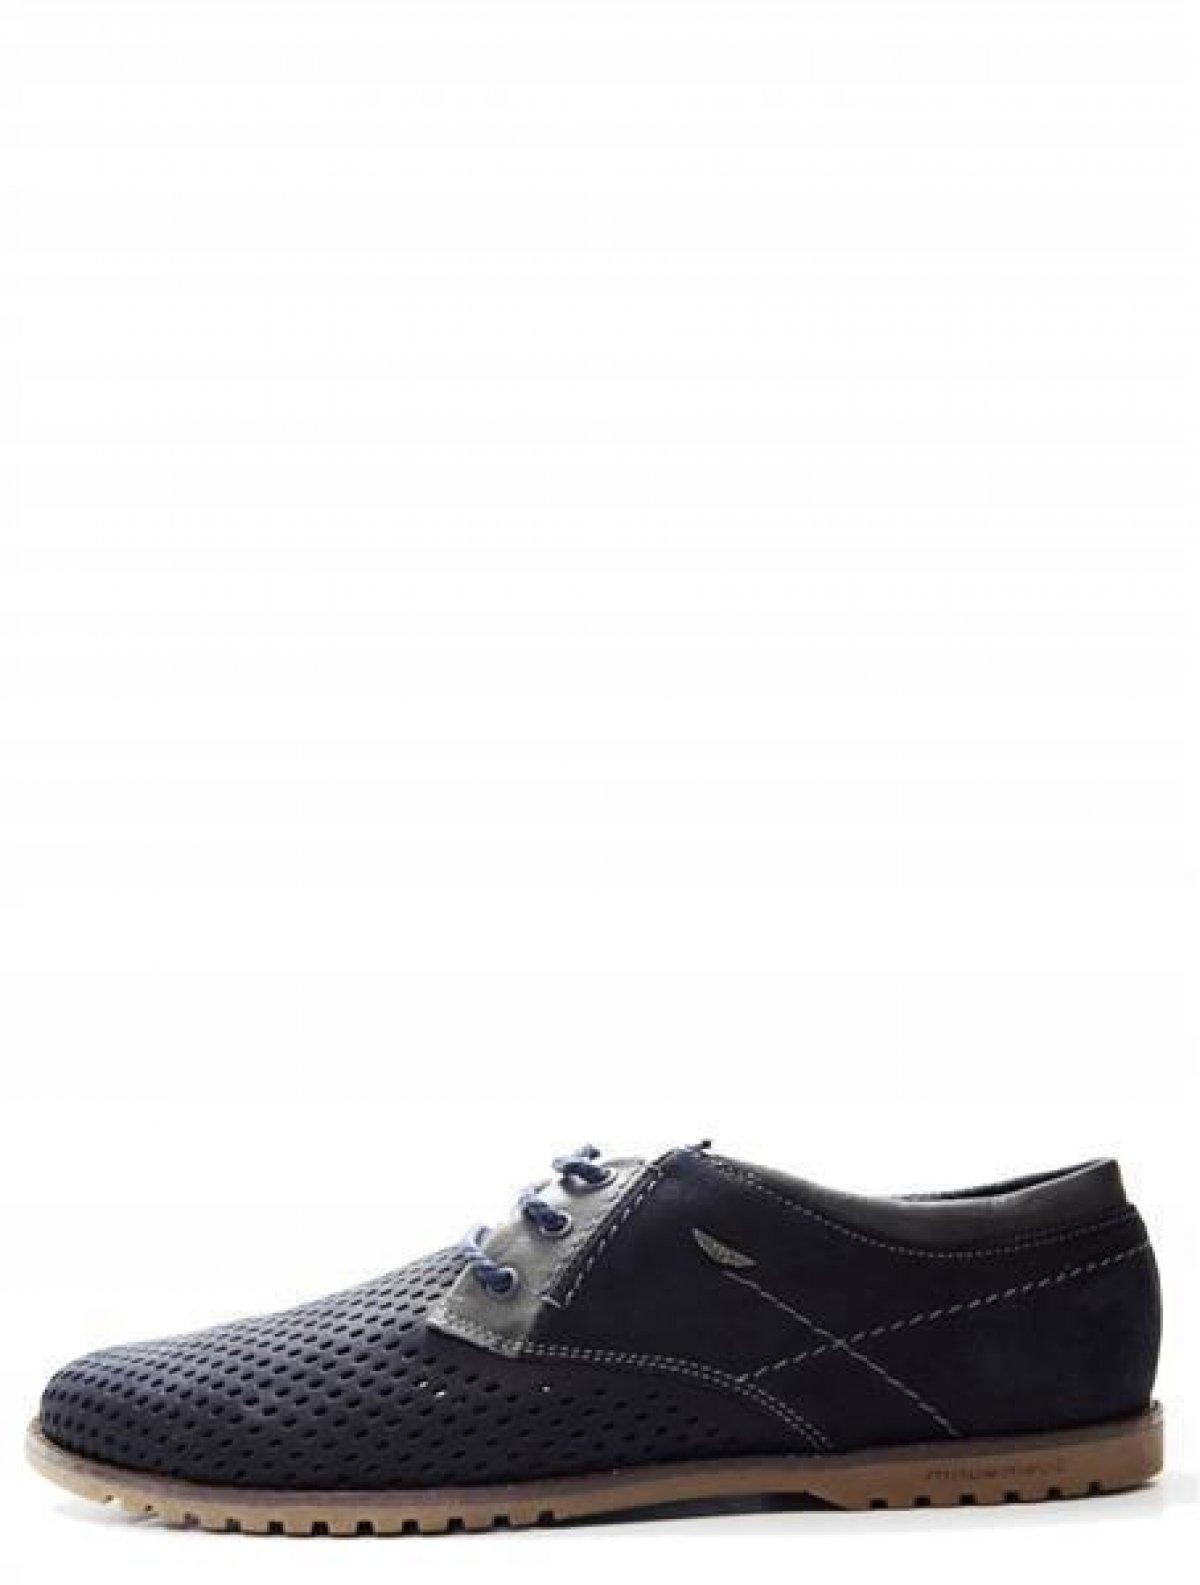 616511-5 туфли мужские